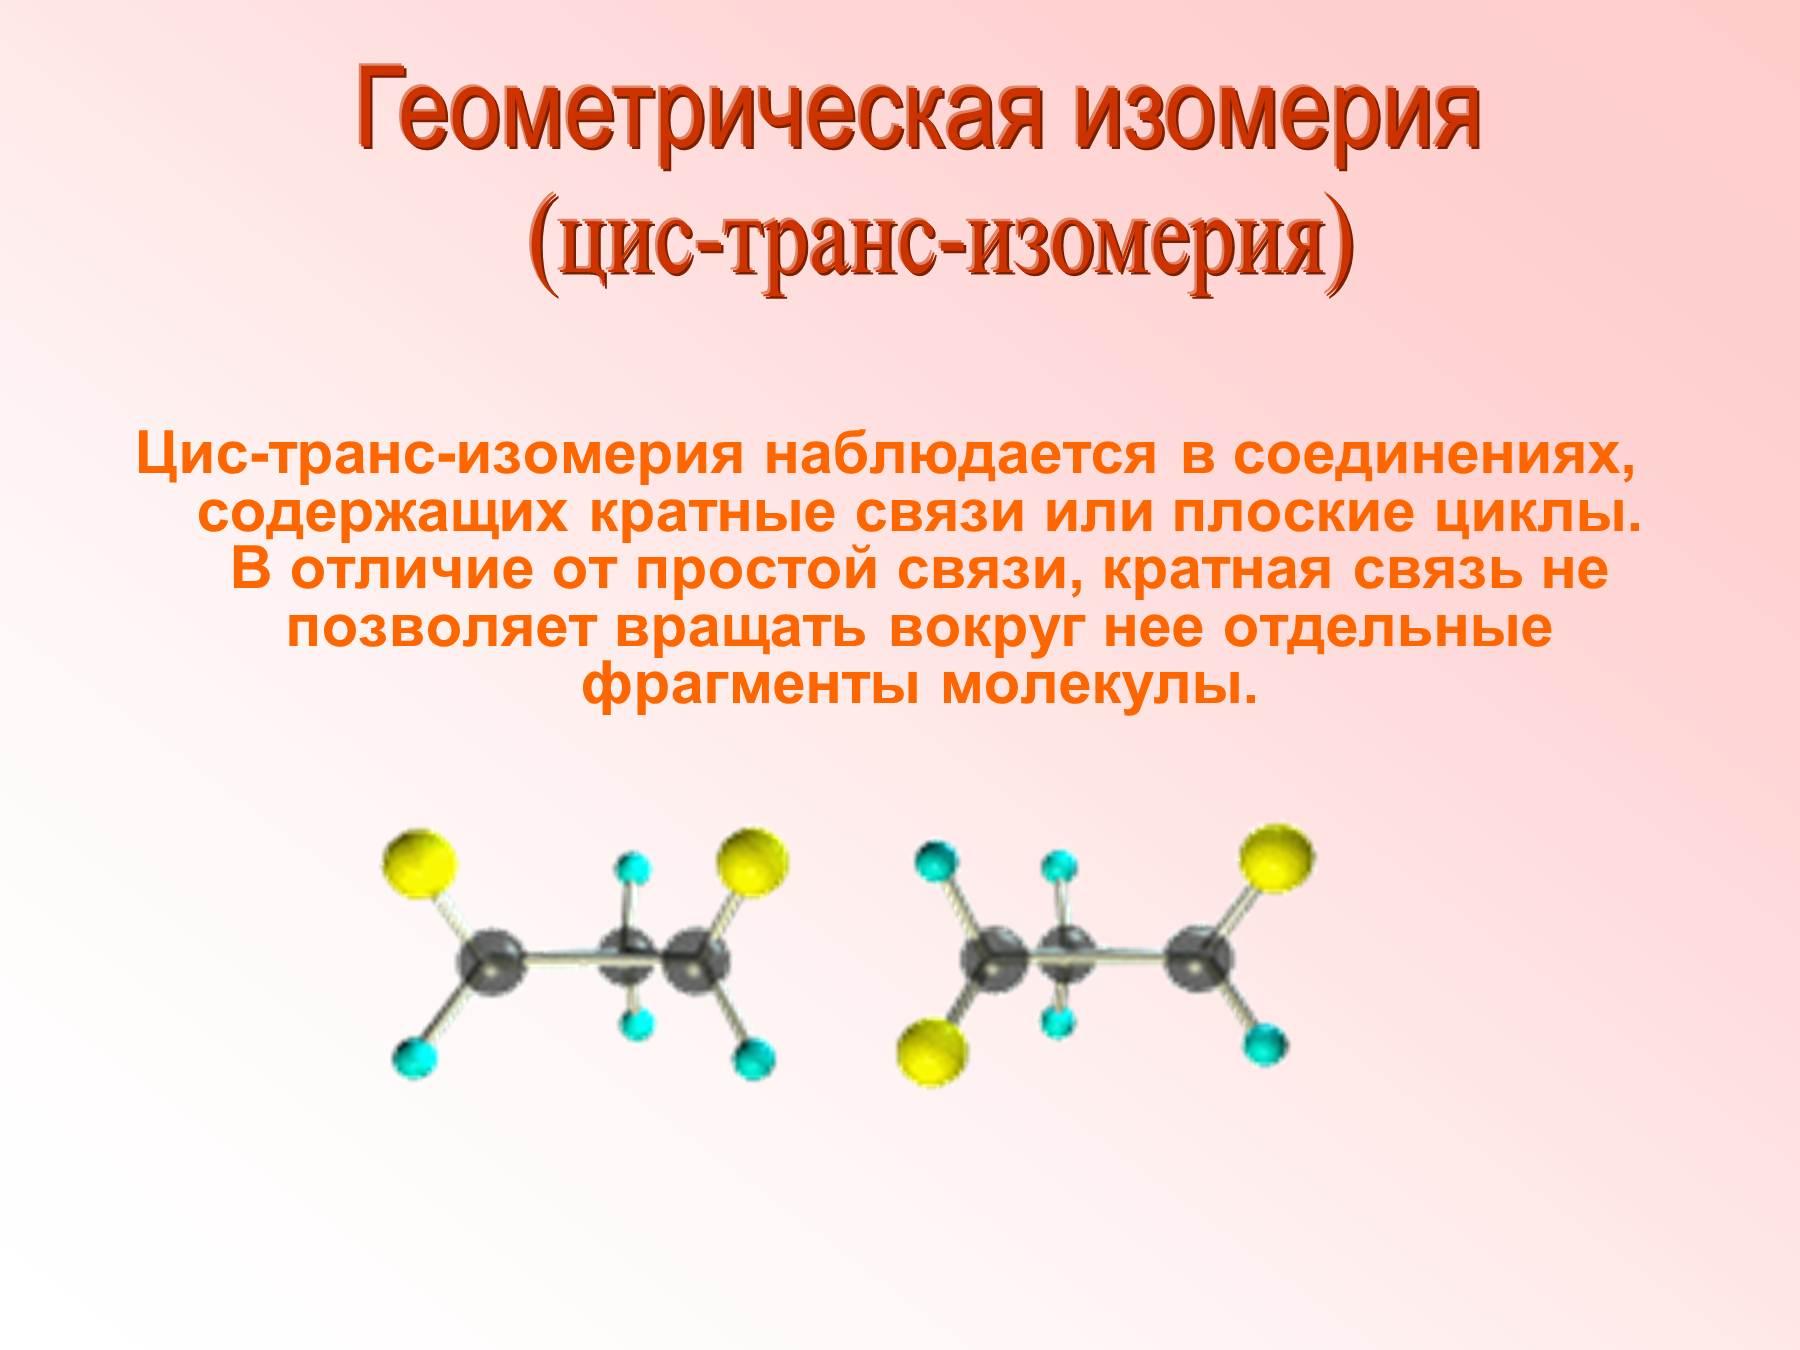 geometricheskaya-tsis-trans-izomeriya